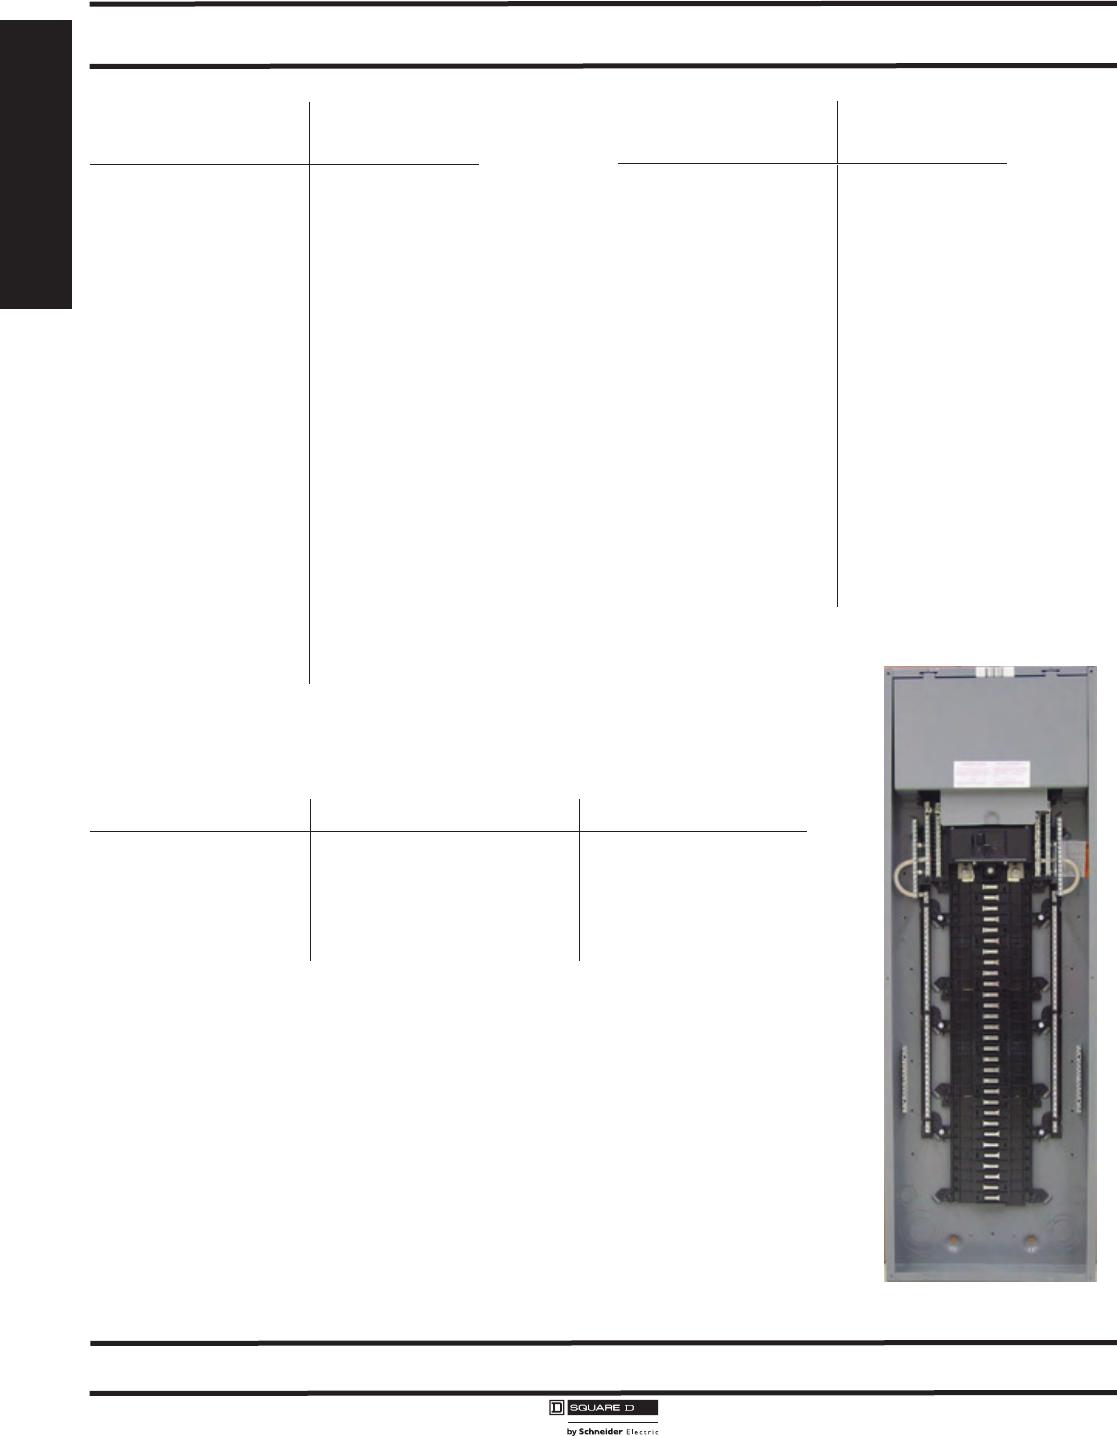 De1 P01 2 Toc 121233 Catalog Square D Qo Qwikgard 20 Amp Twopole Gfci Breakerqo220gficp The 12 Loadcentres And Circuit Breakers